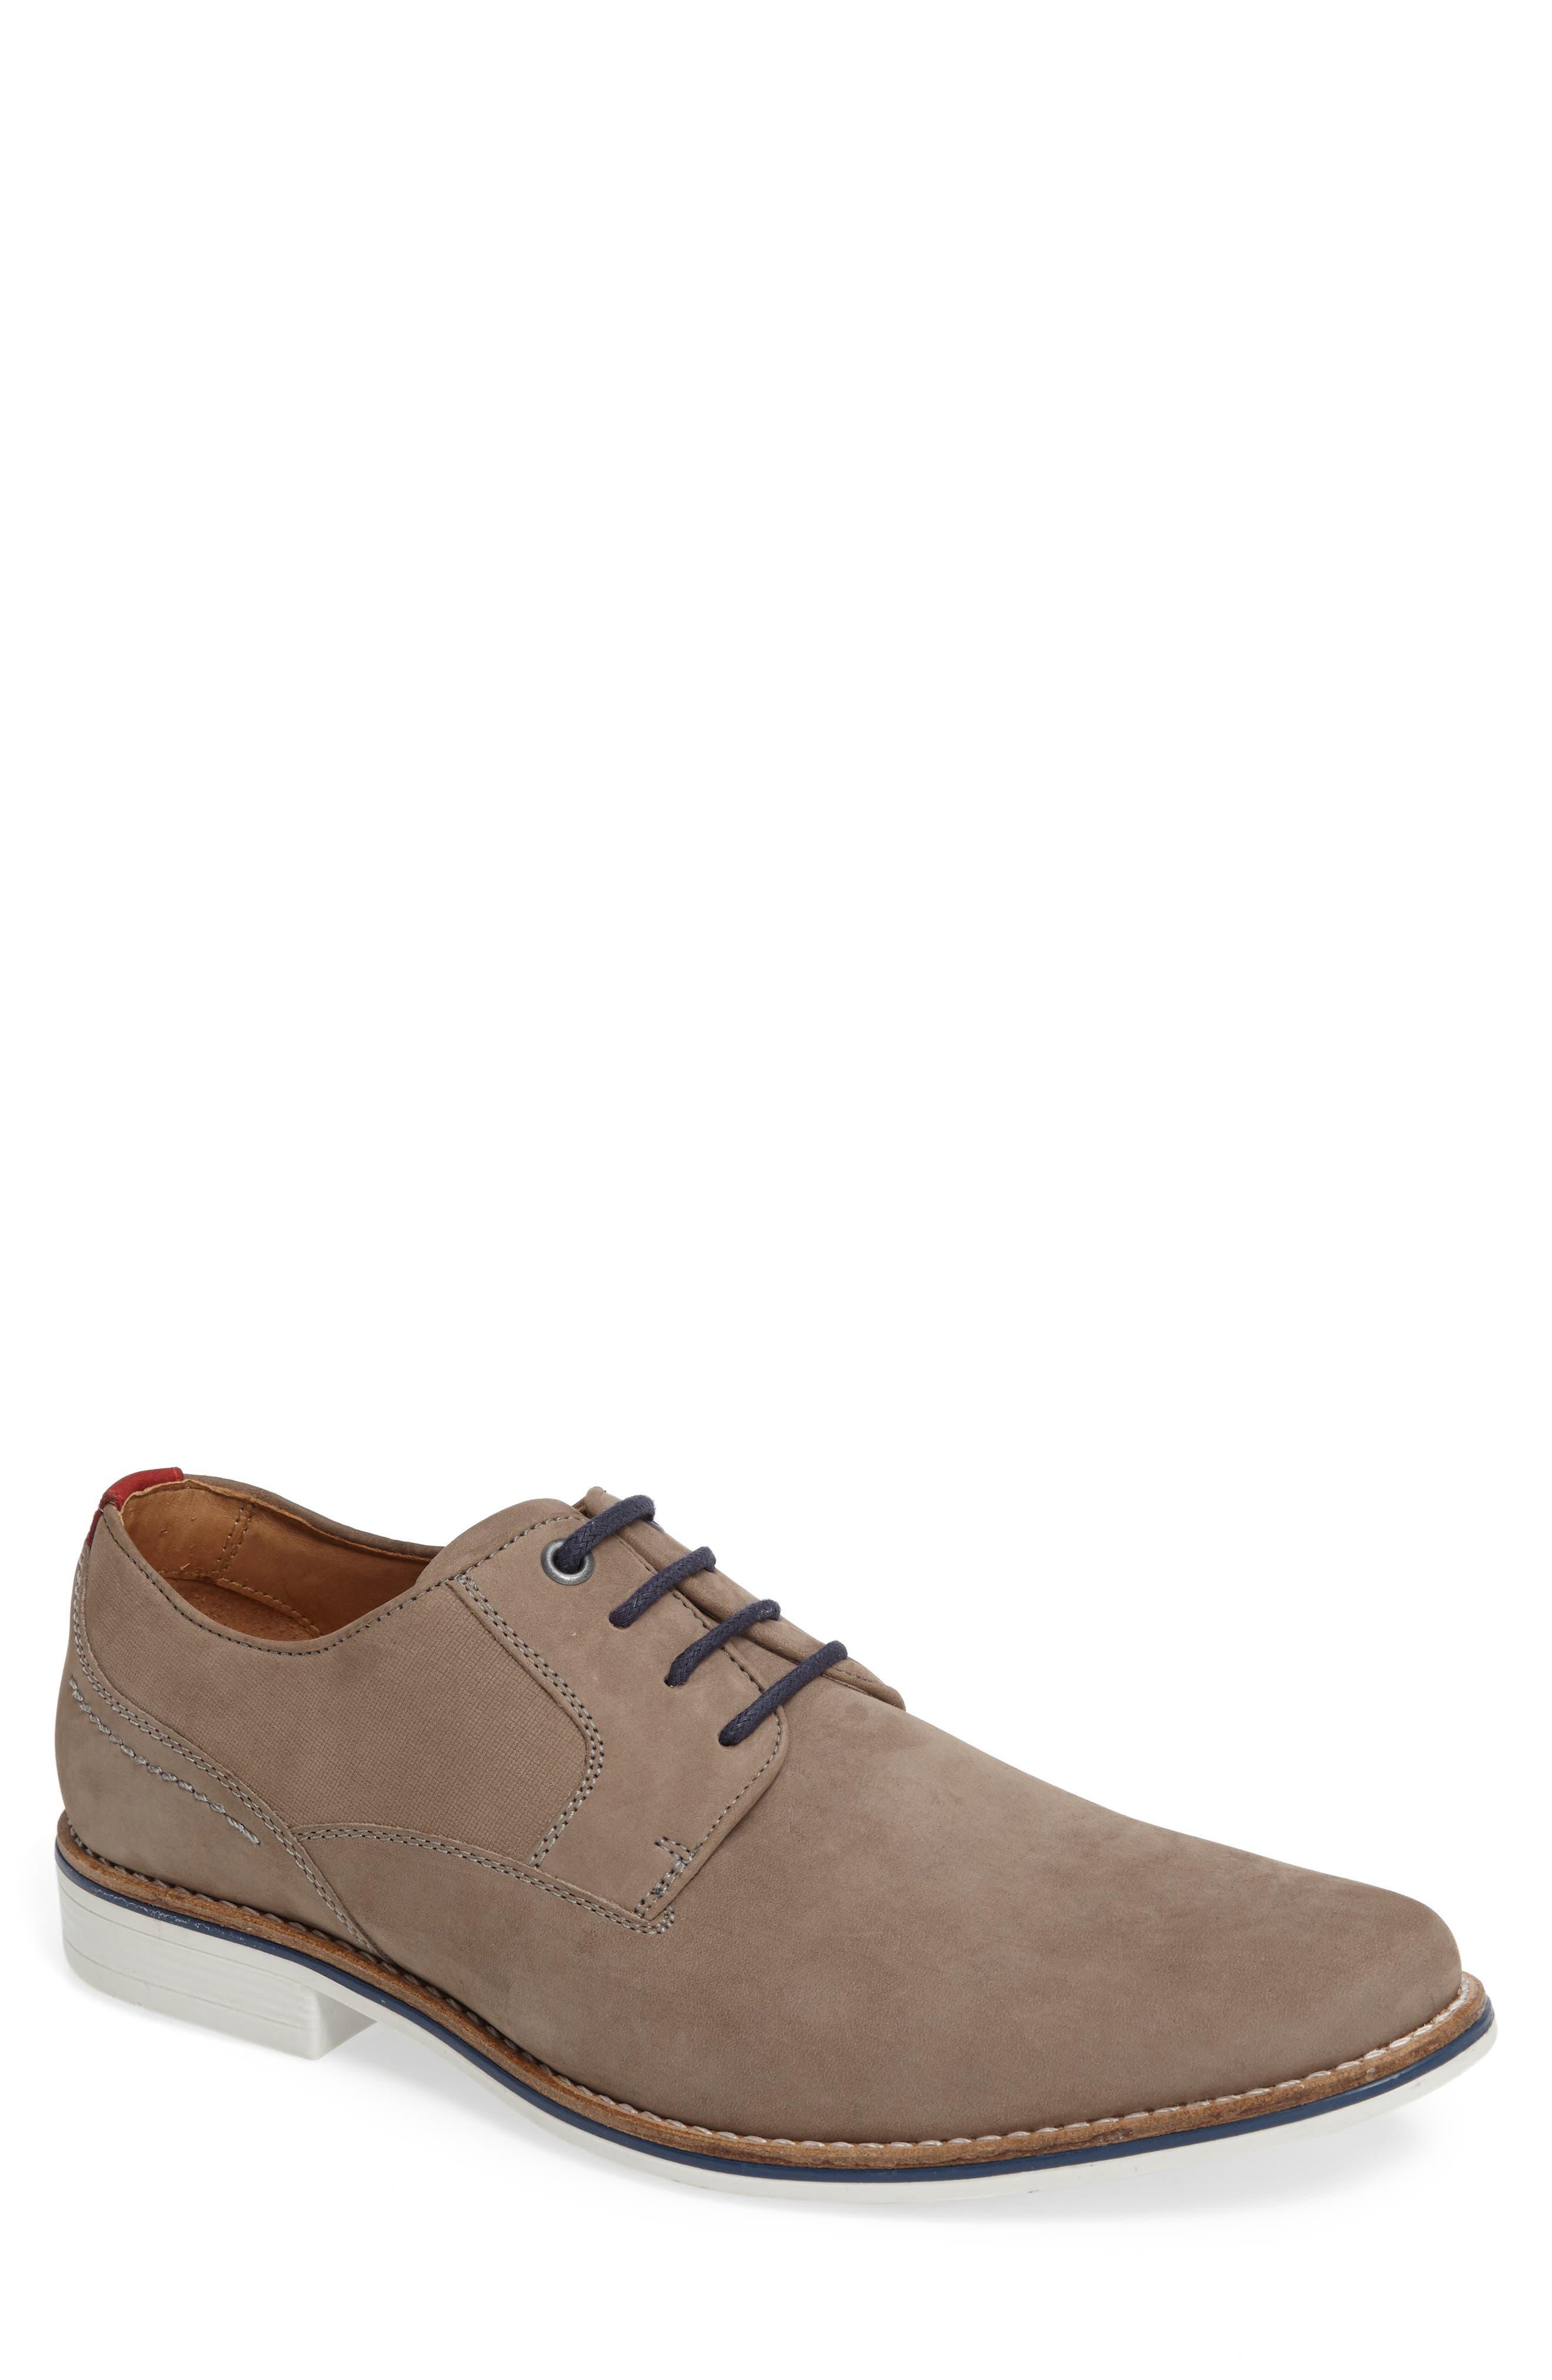 Archer Buck Shoe,                         Main,                         color, 020